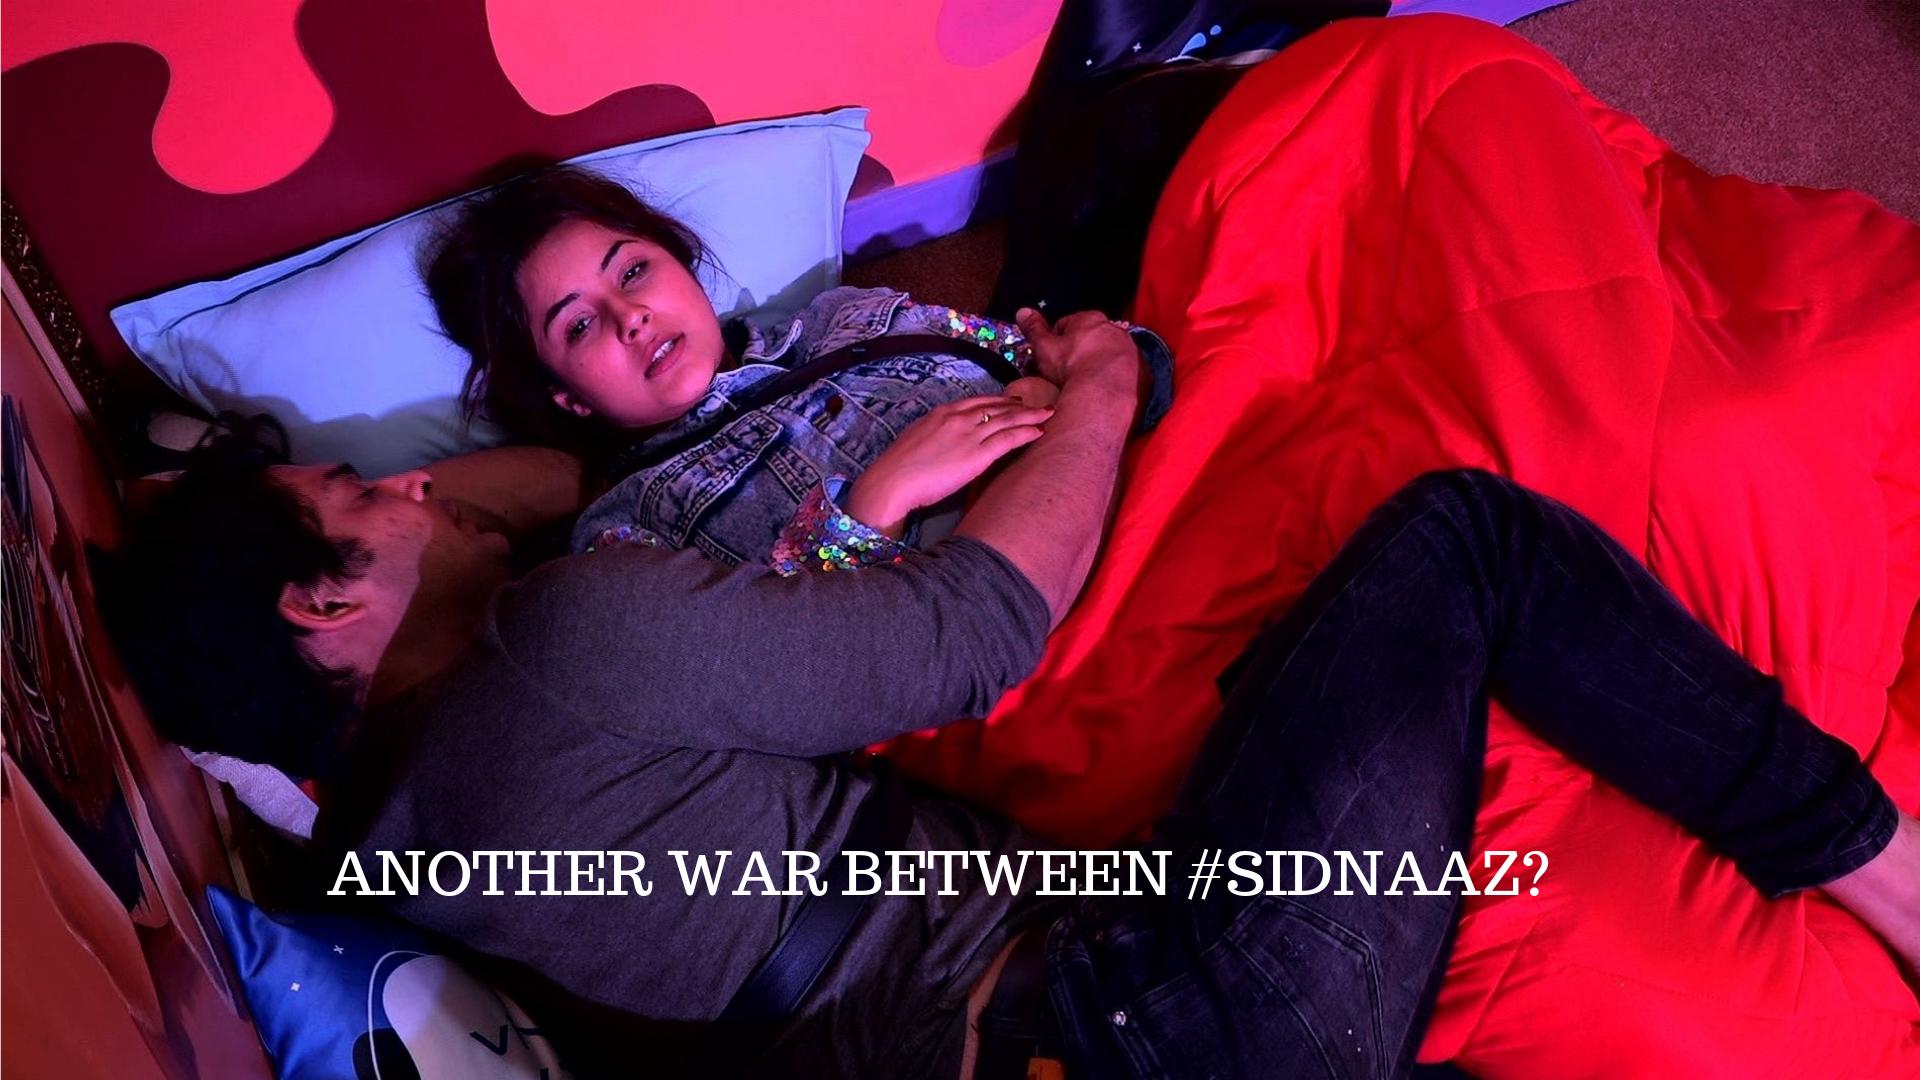 Another divide between #SidNaaz?